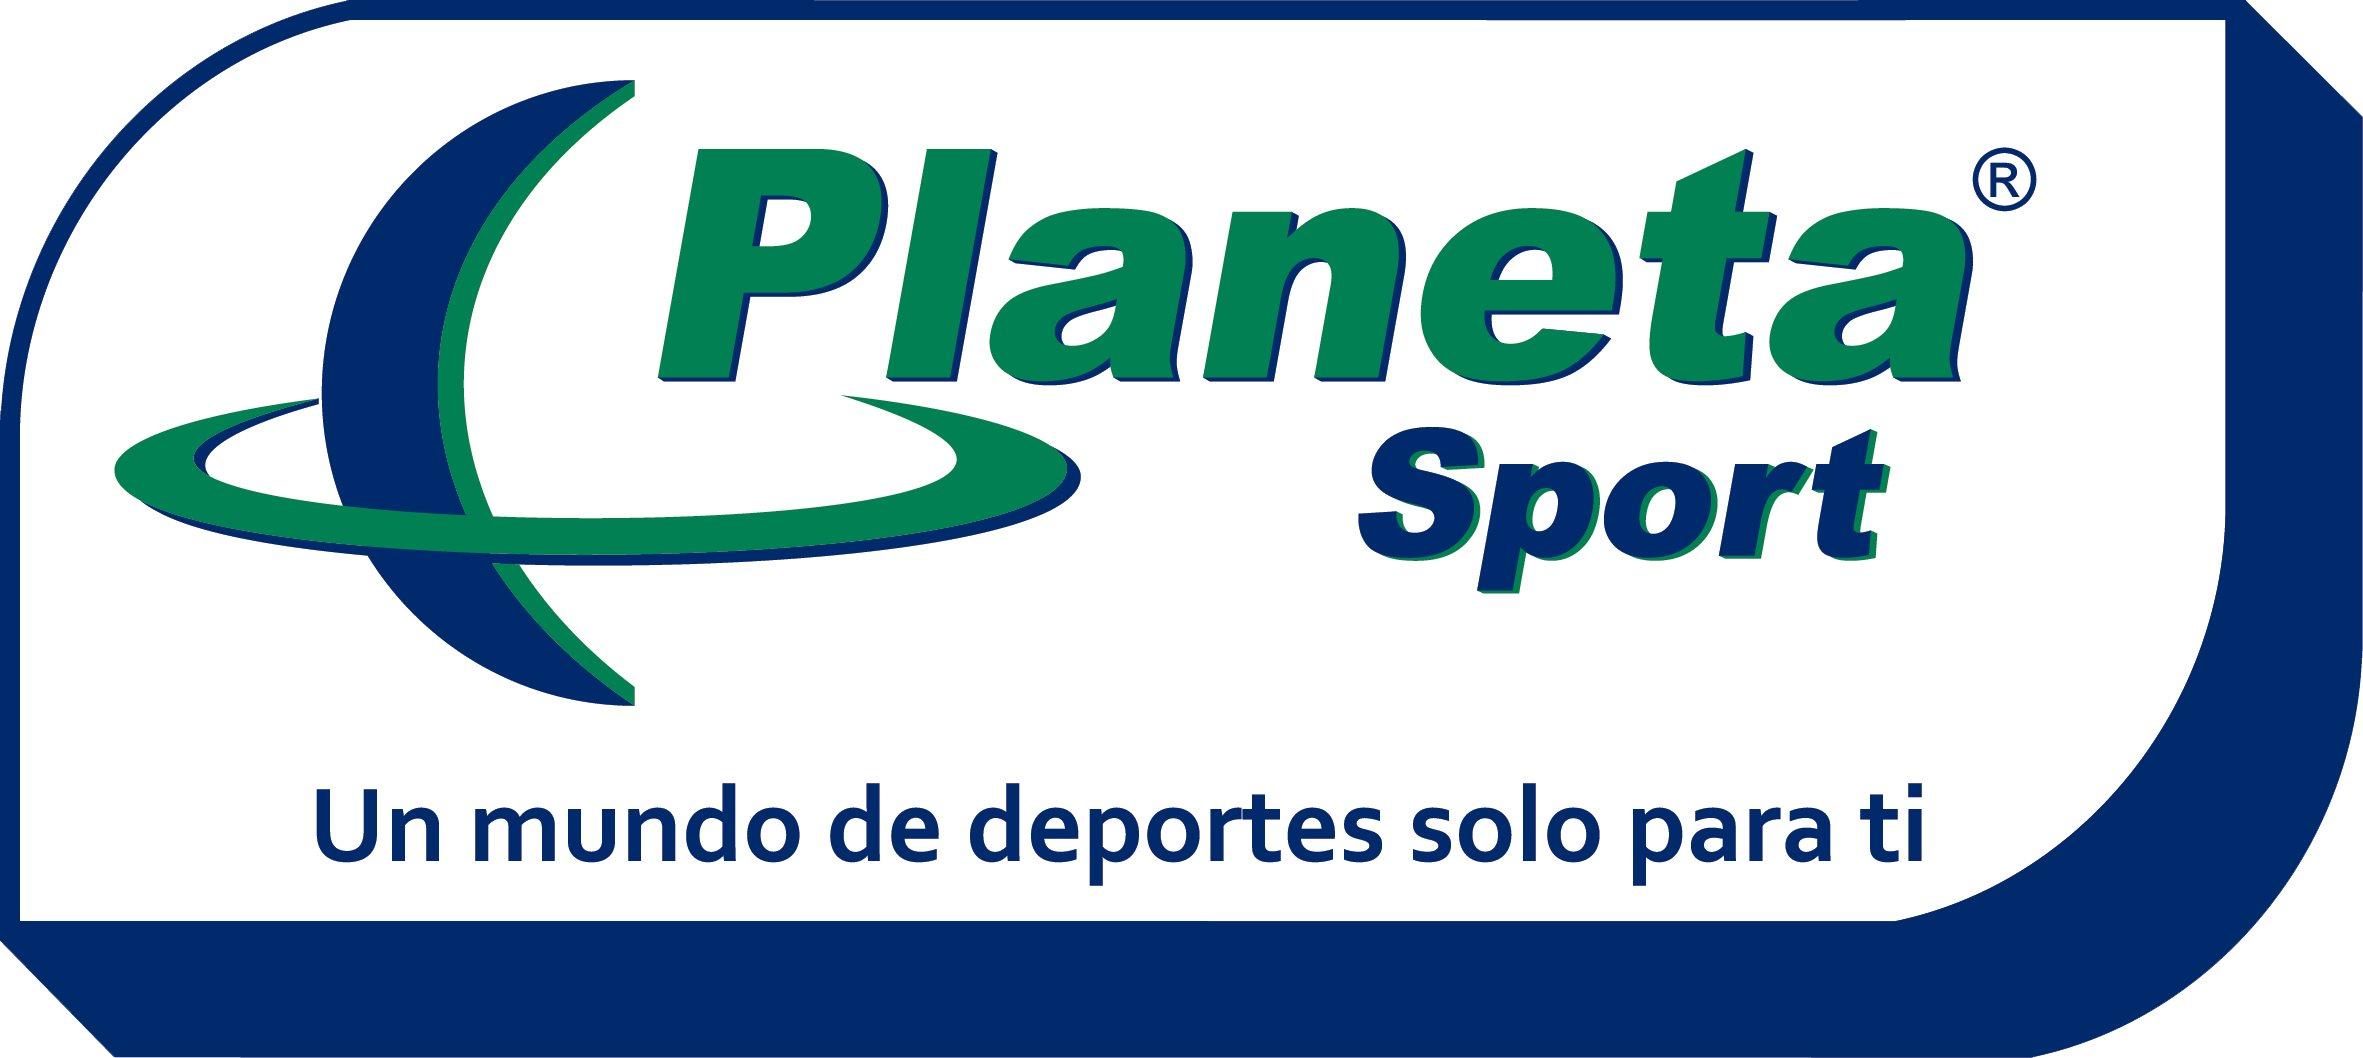 Fabega SAS - Planeta Sport